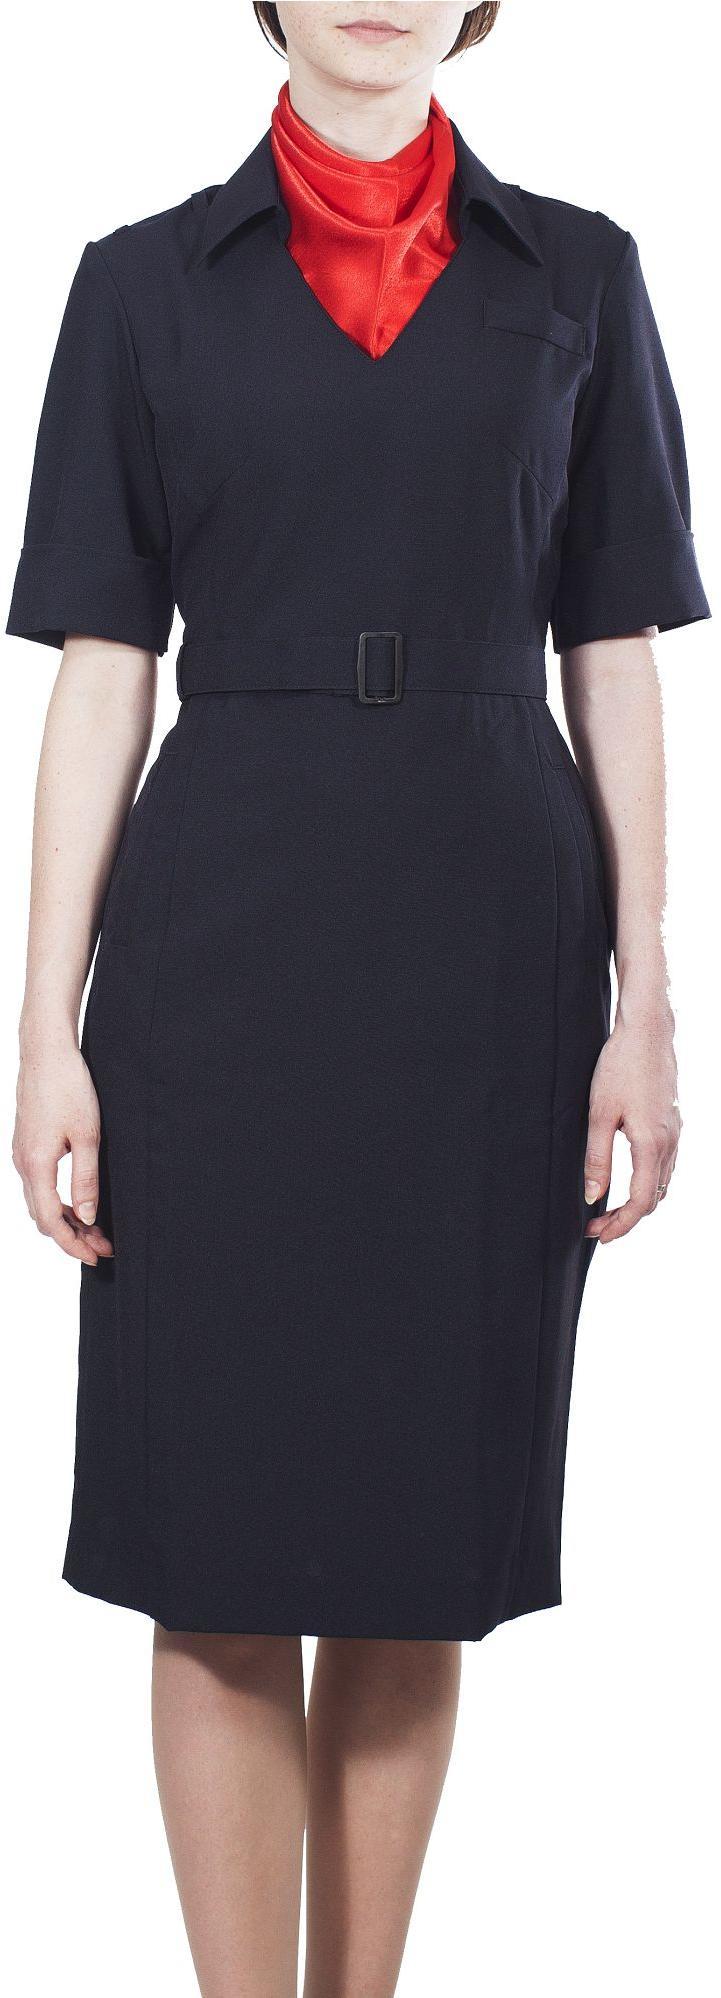 Платье Полиция с коротким рукавом пикассо, Юбки и платья - арт. 1005190153